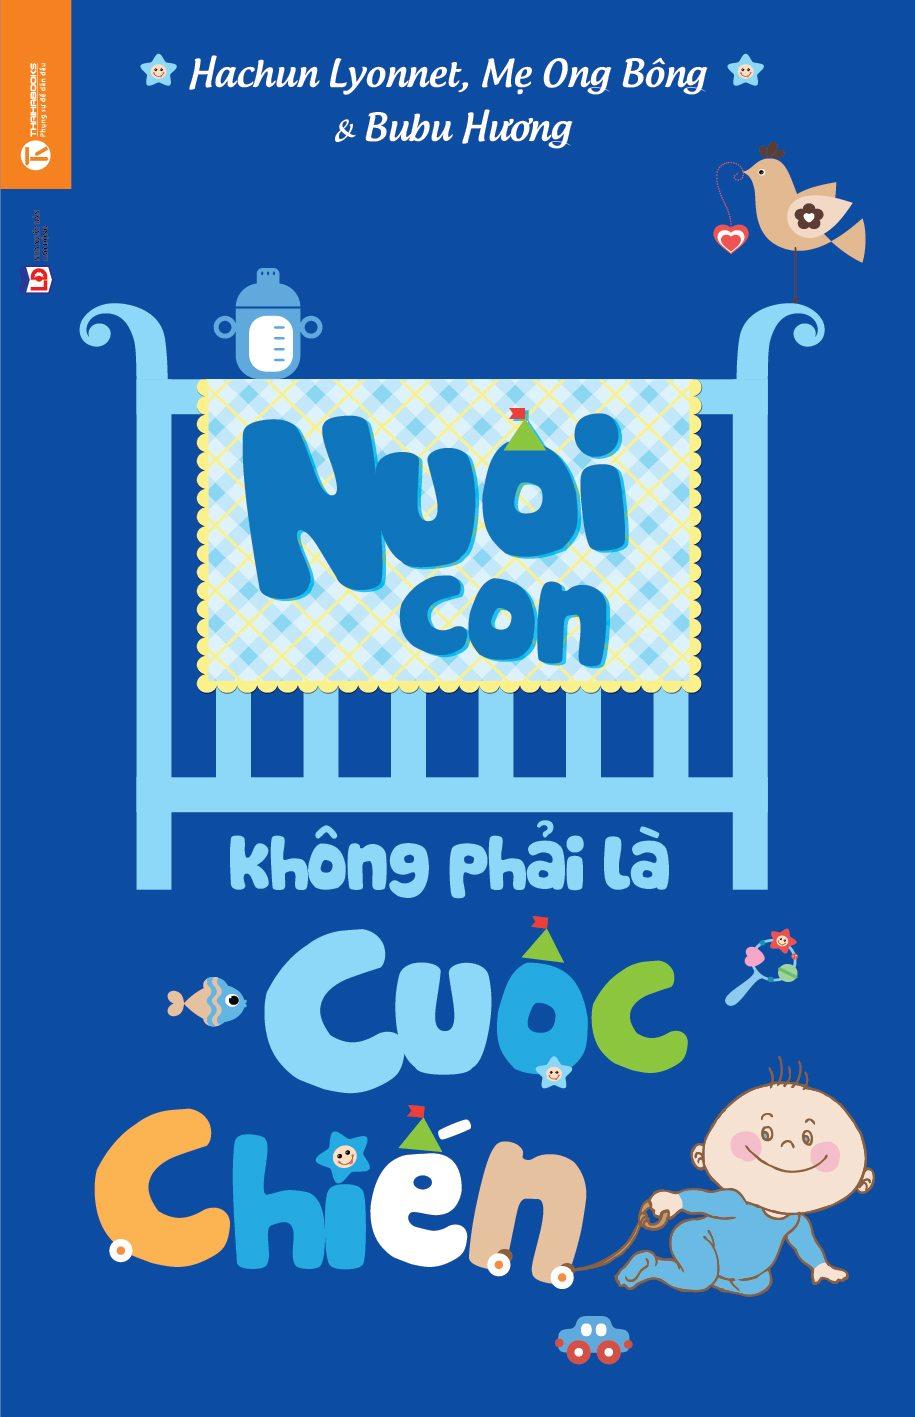 148416824_bia_nuoi-con-khong-phai-la-cuoc-chien-01-01